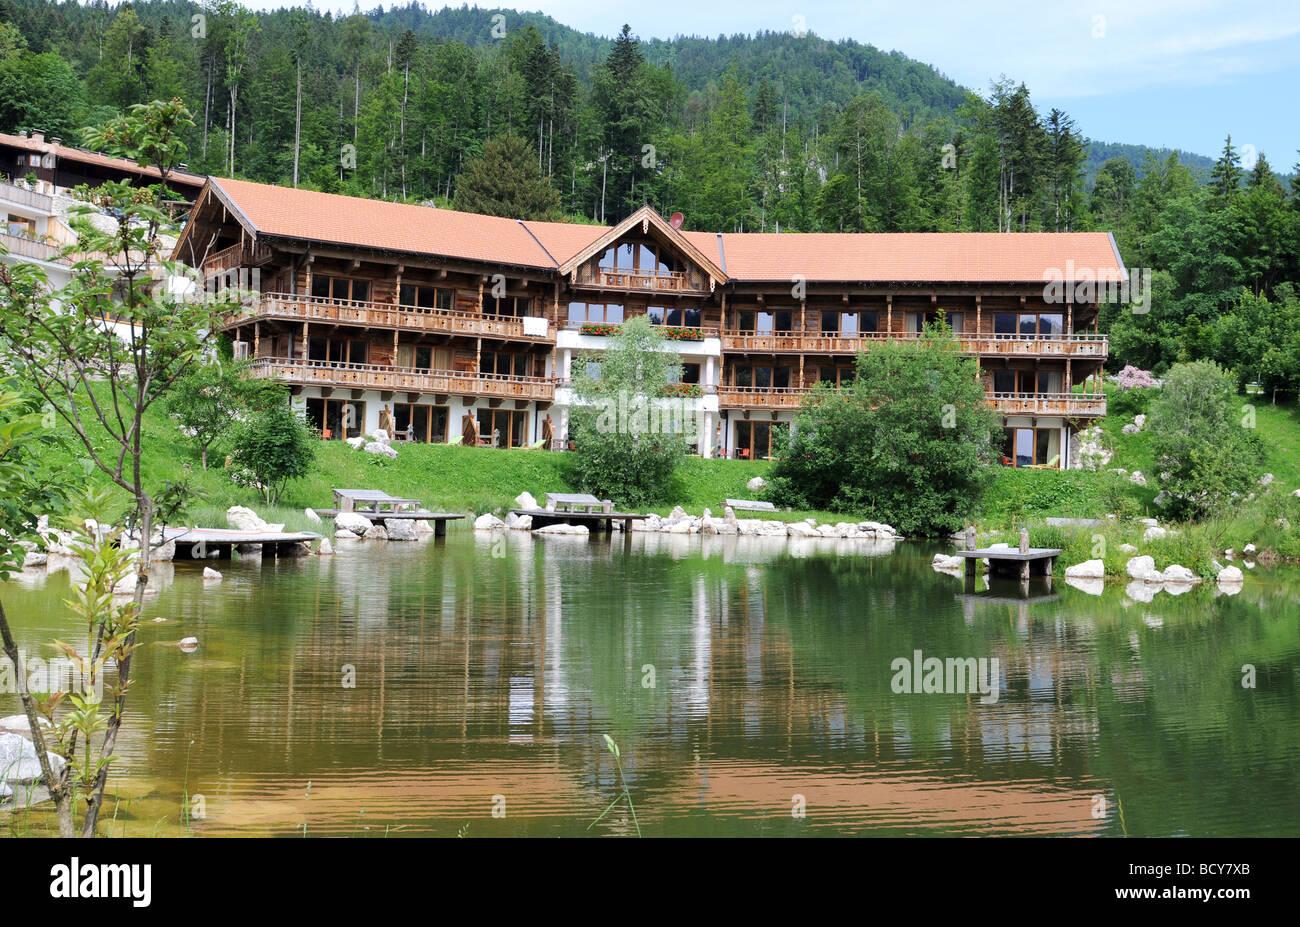 Hotel feuriger Tatzelwurm - Stock Image